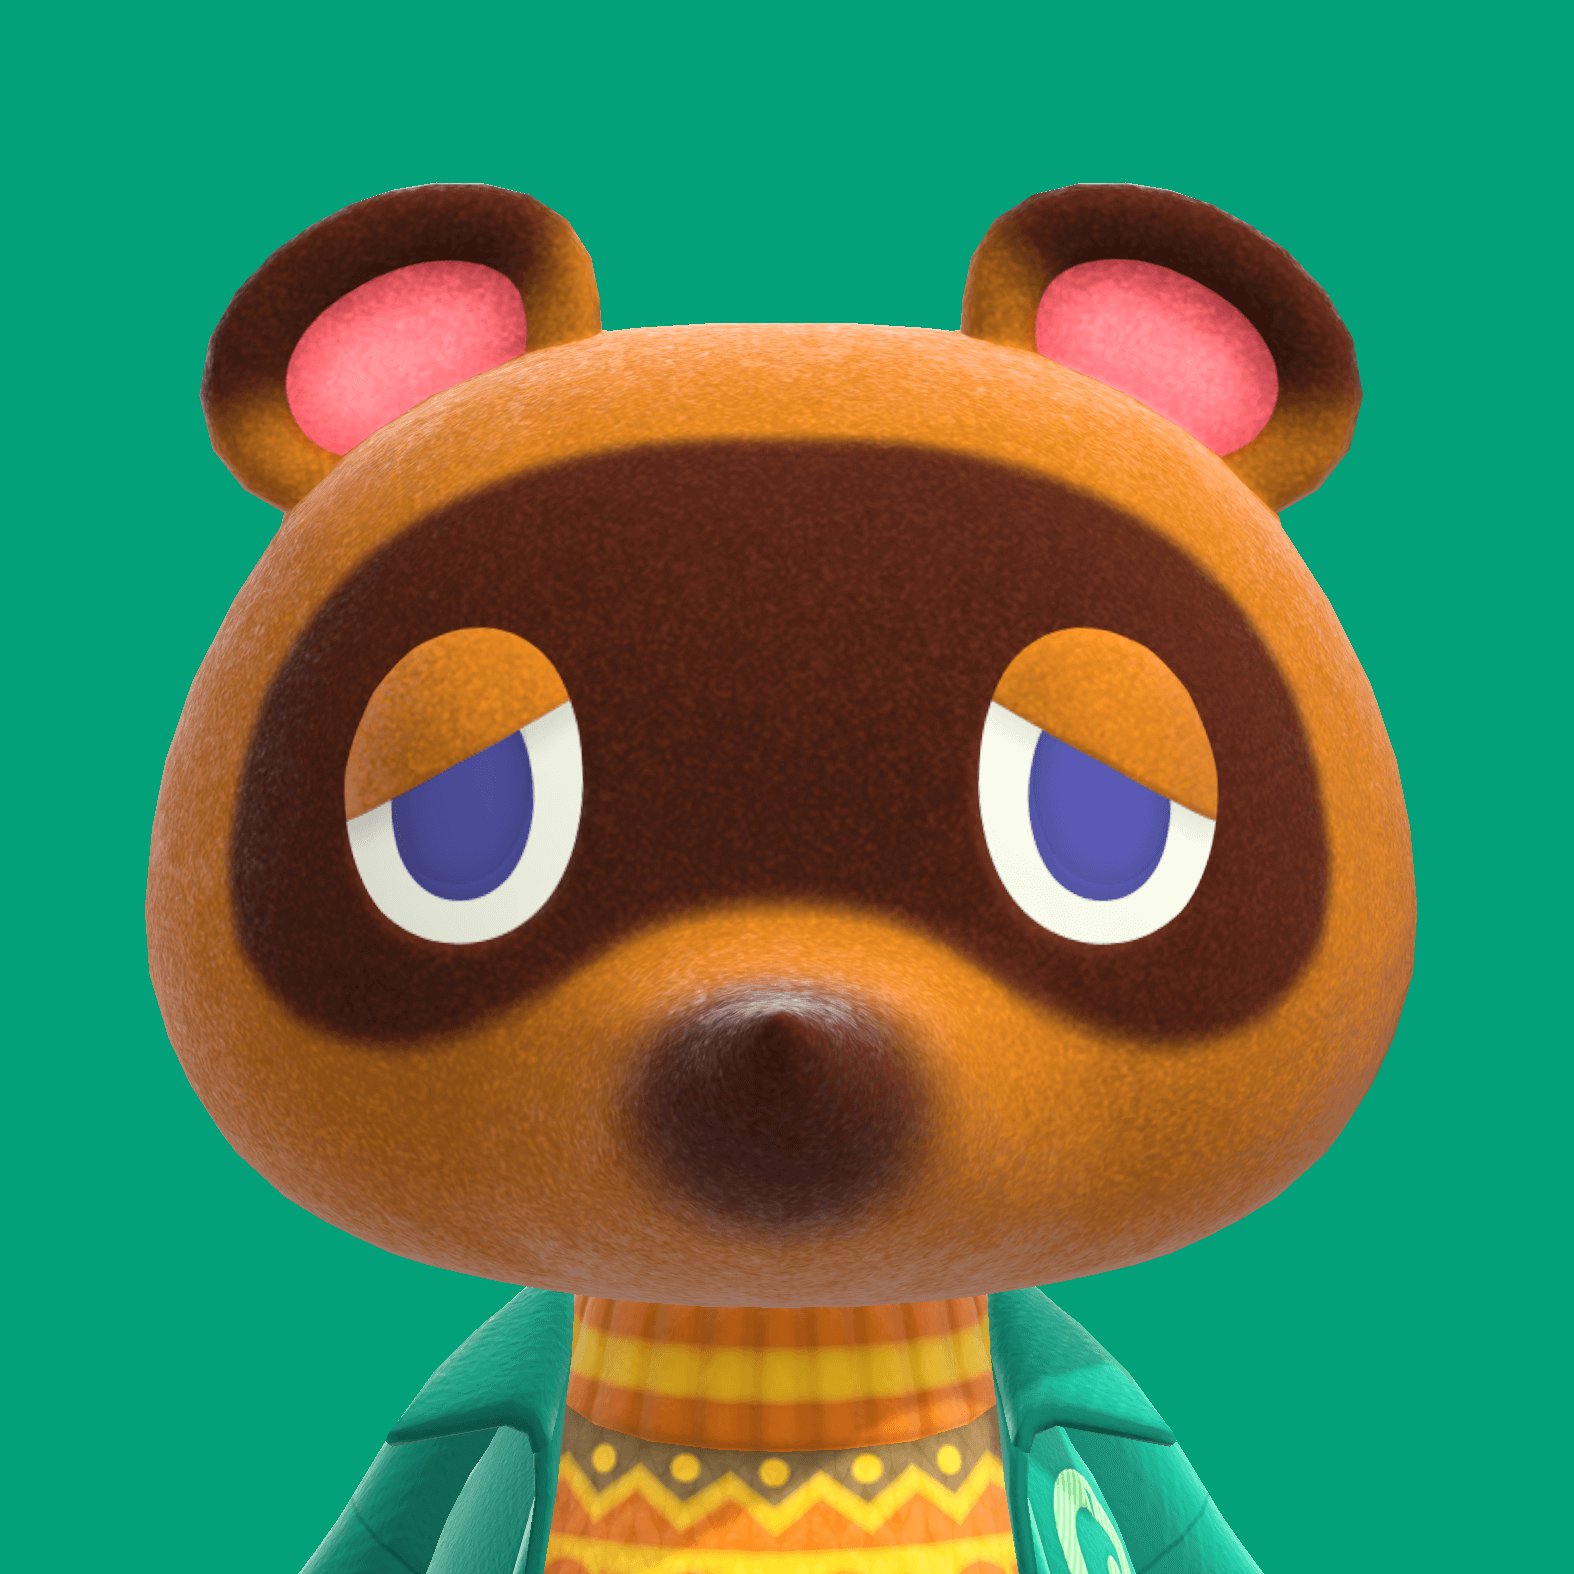 Rhubarb avatar